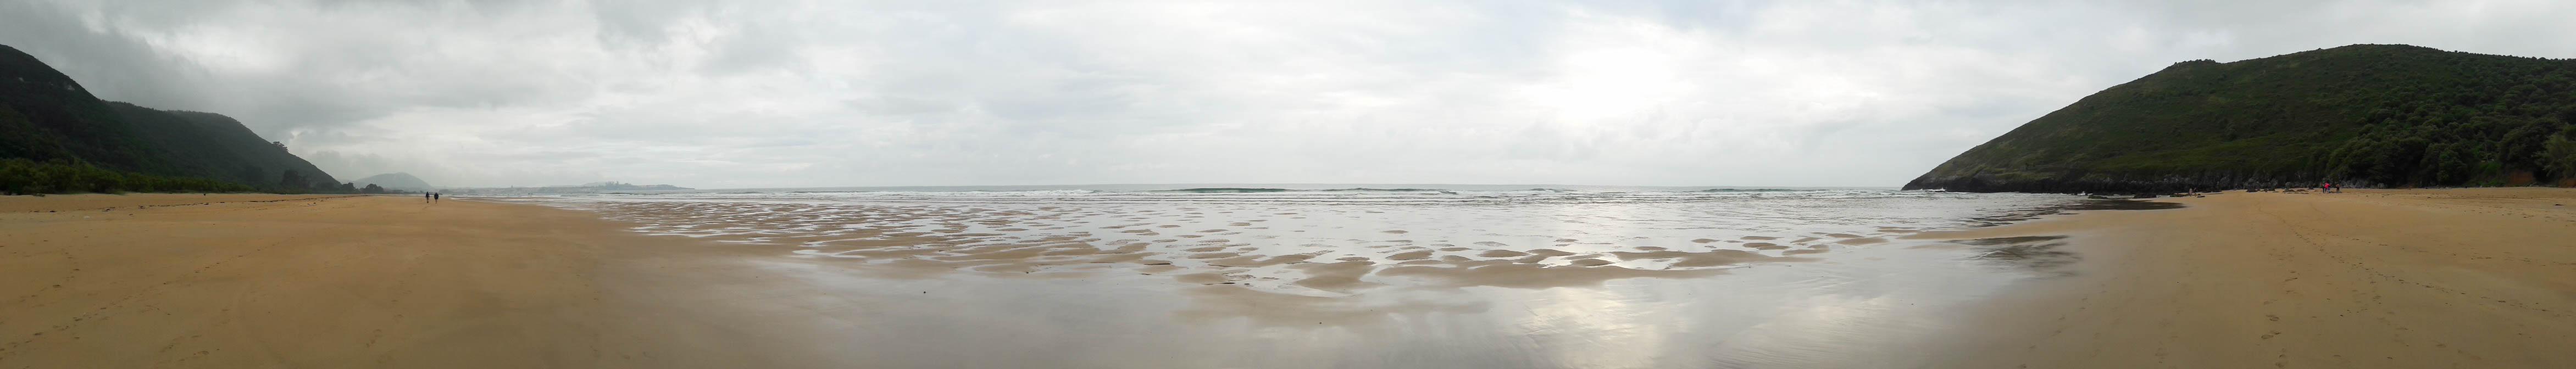 Playa de Noja panoramic